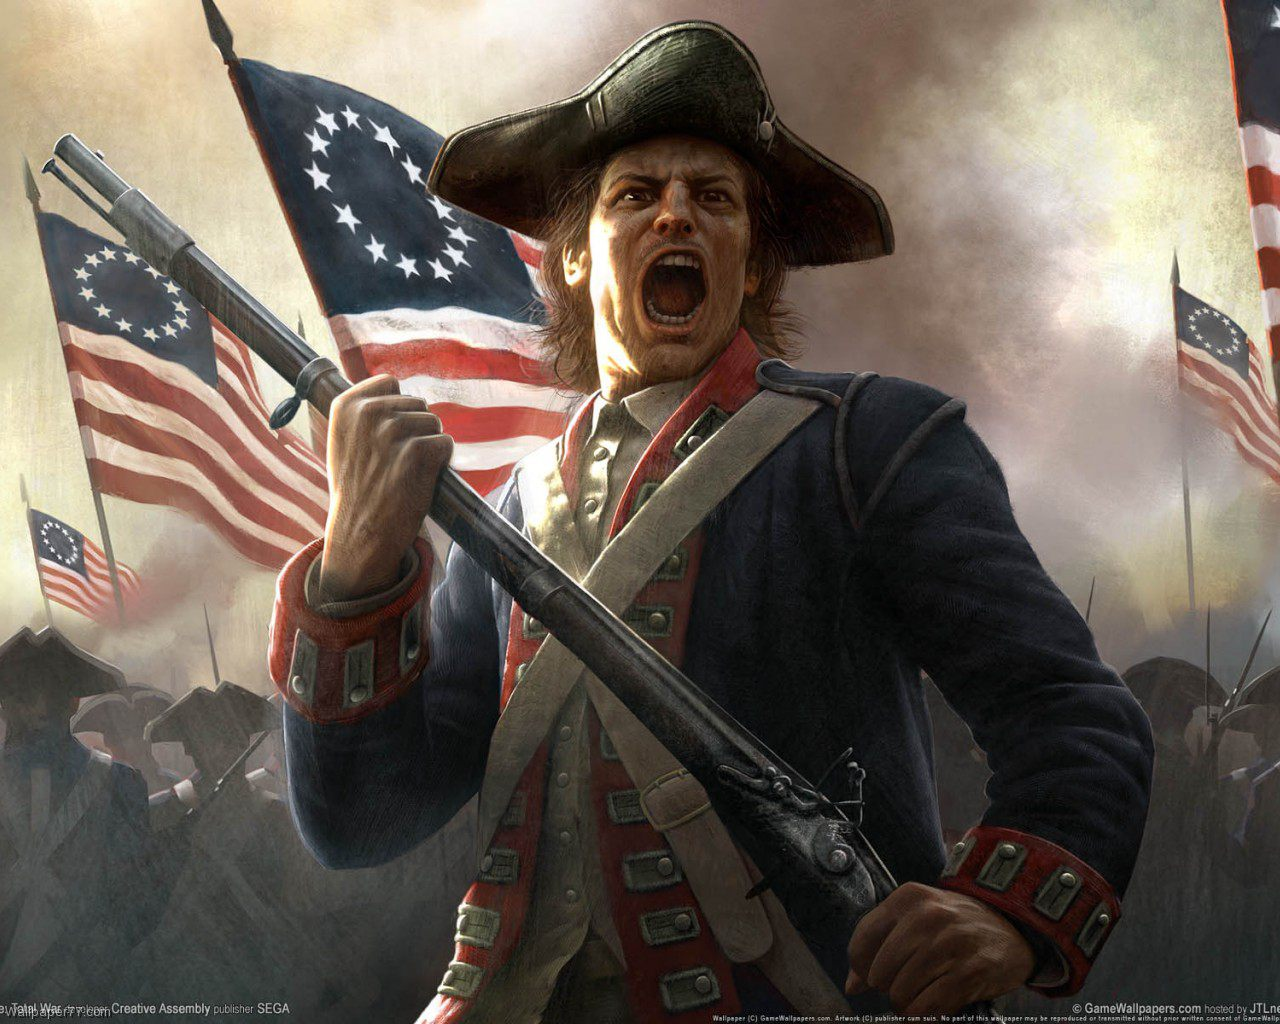 http://1.bp.blogspot.com/-xuuYIWyV53I/T6Y2xg6rQhI/AAAAAAAAB-U/D_a9SOiaJpA/s1600/Empire-Total-War-4-empire-total-war-wallpapers-game-wallpapers-1280x1024.jpg